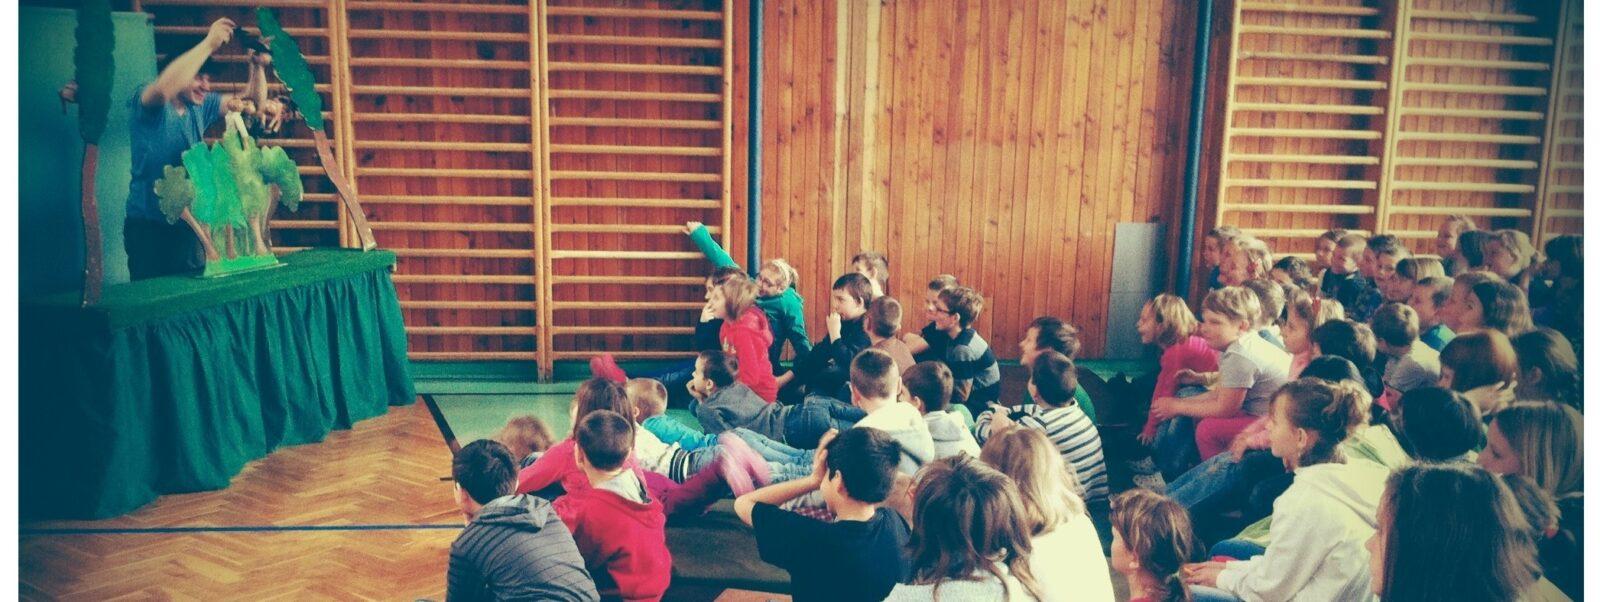 Loutkové divadlo u nás ve škole.